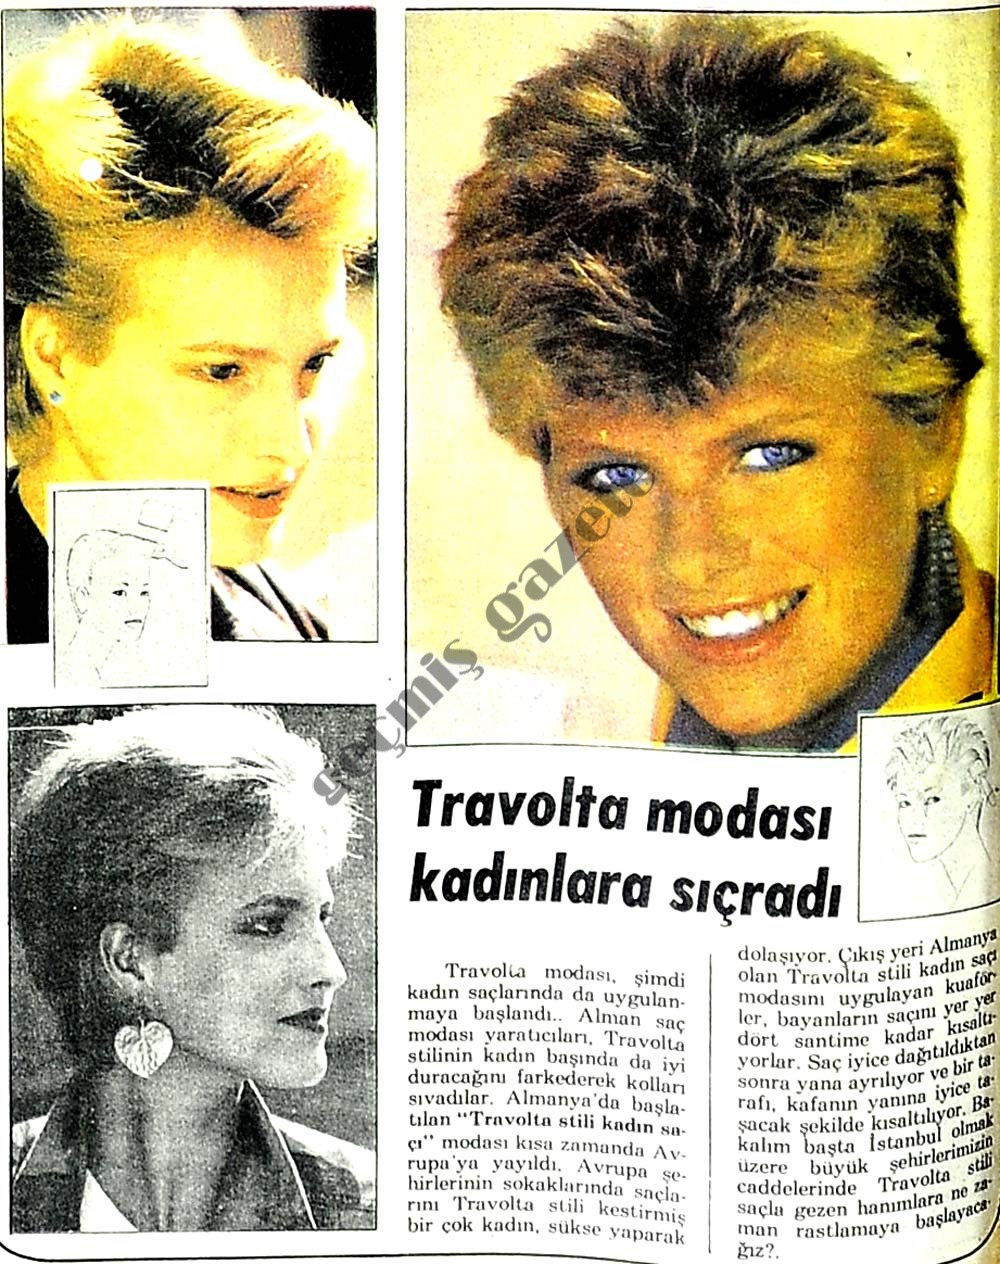 Travolta modası kadınlara sıçradı